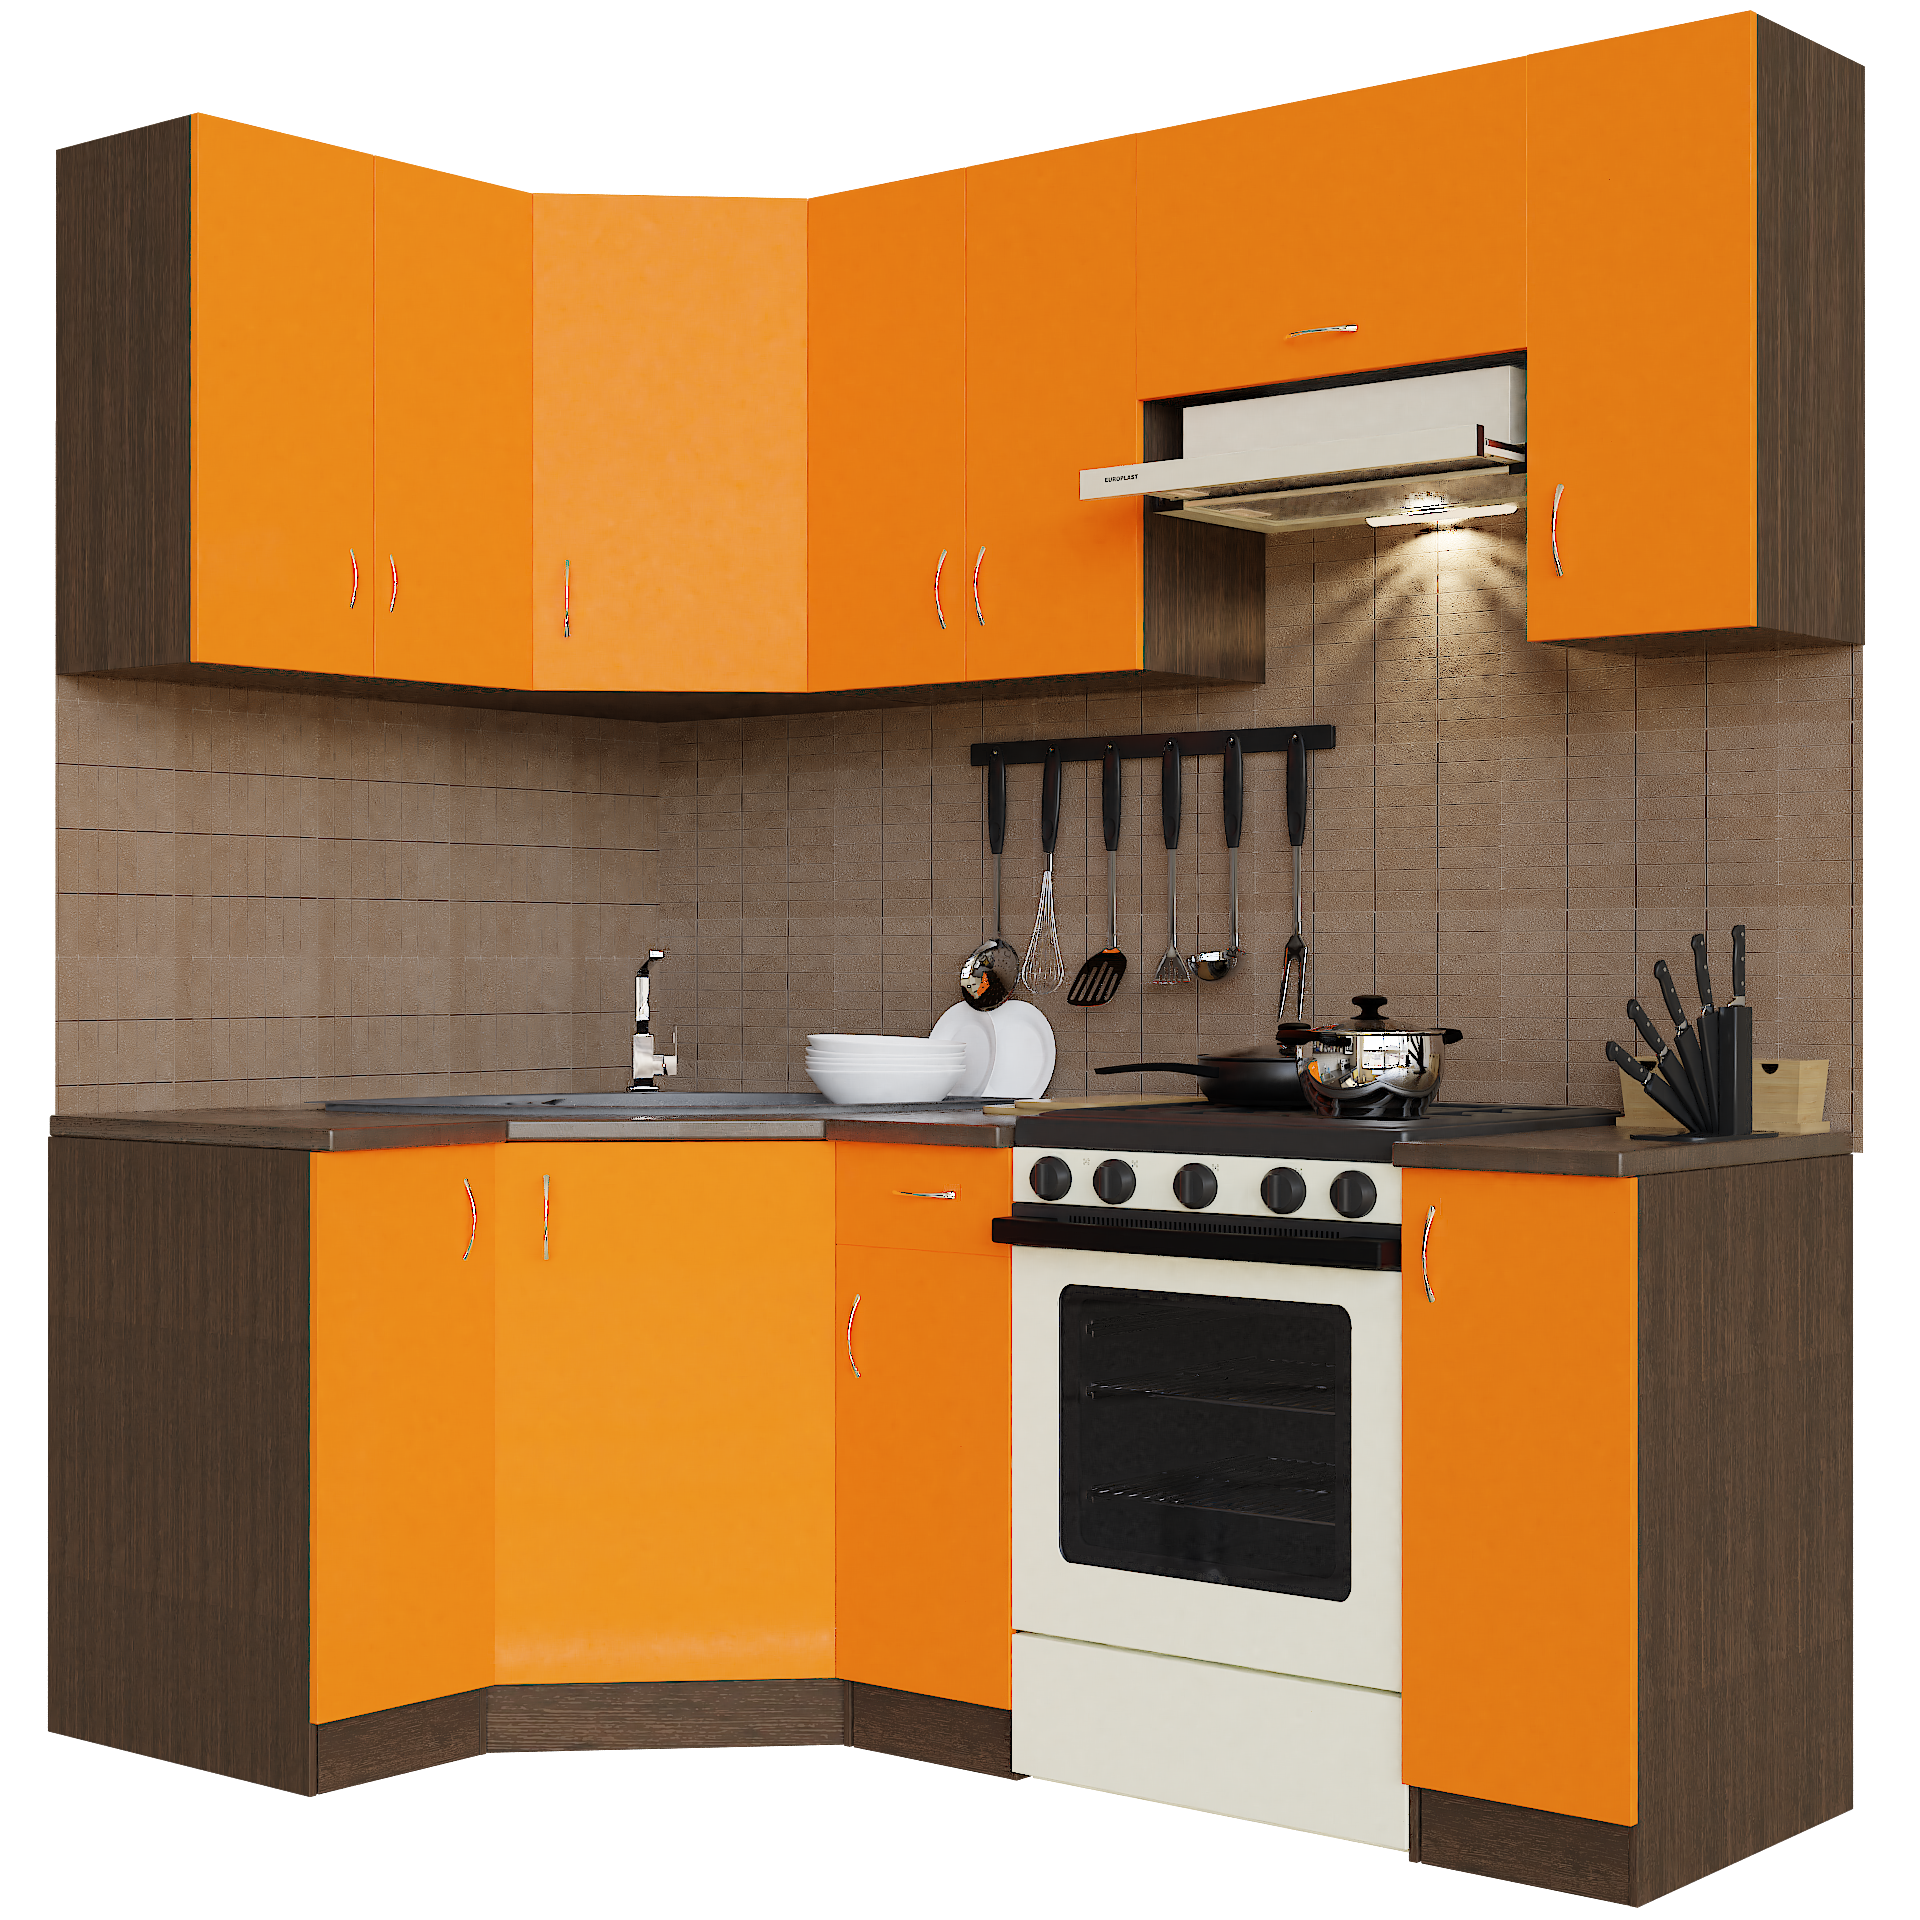 Кухонный гарнитур угловой Sanvut ГКУ2100-3.13.1 Венге / Оранж (венге)